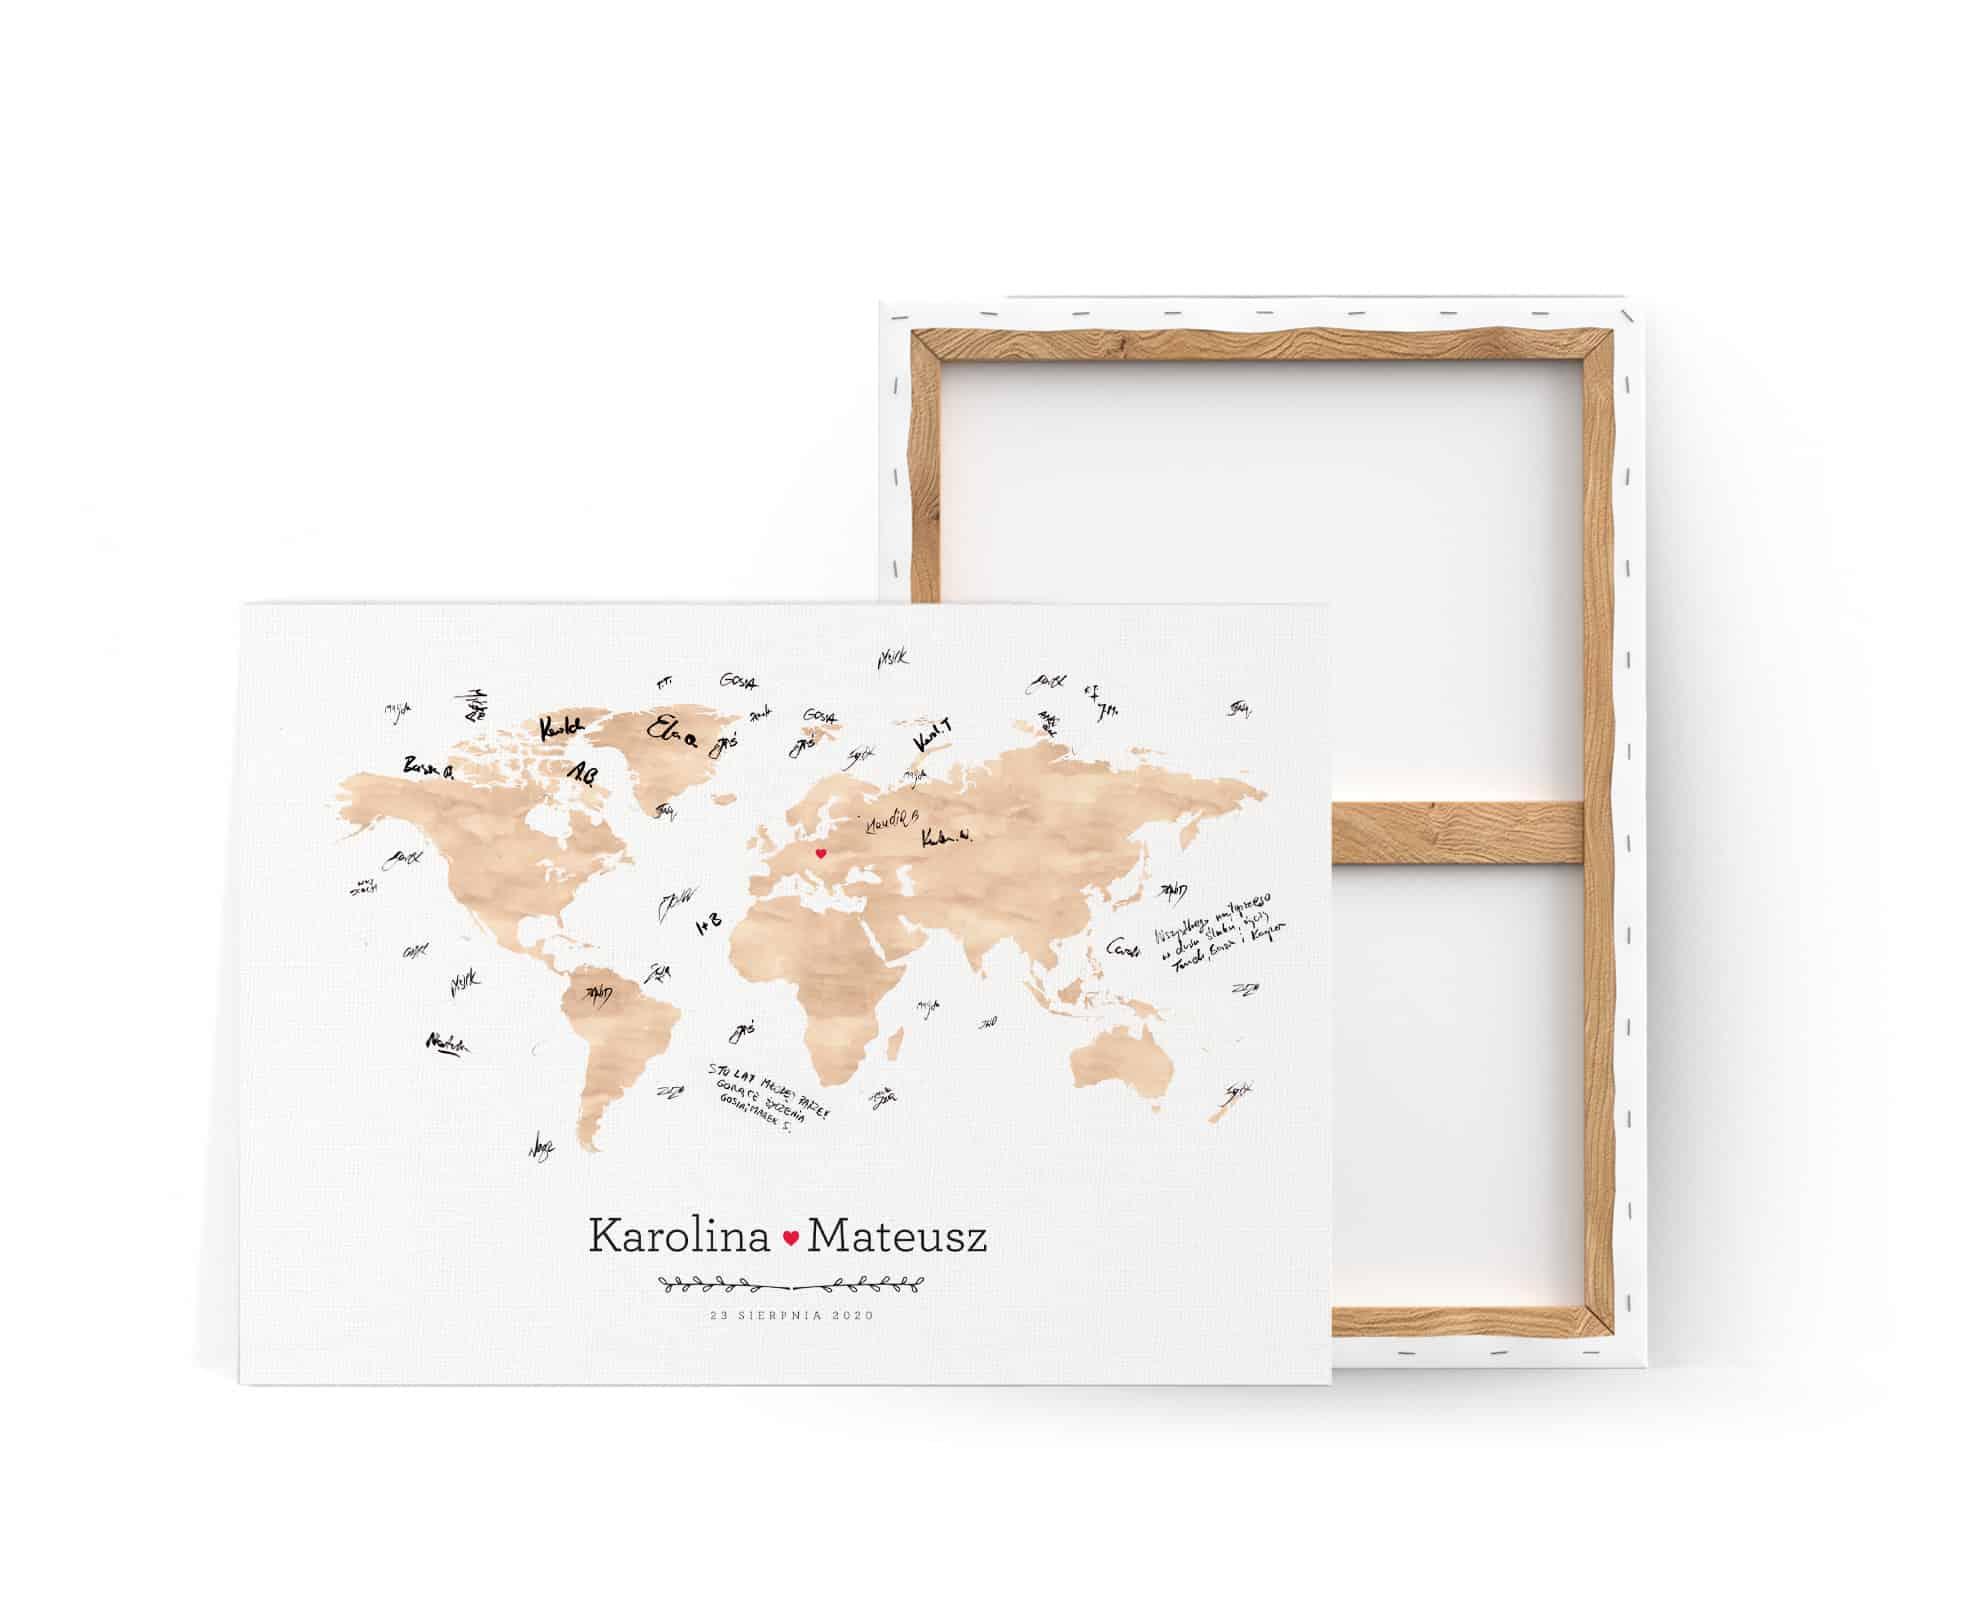 Księga gość w stylu podróżniczym z mapką w kolorze brązowym